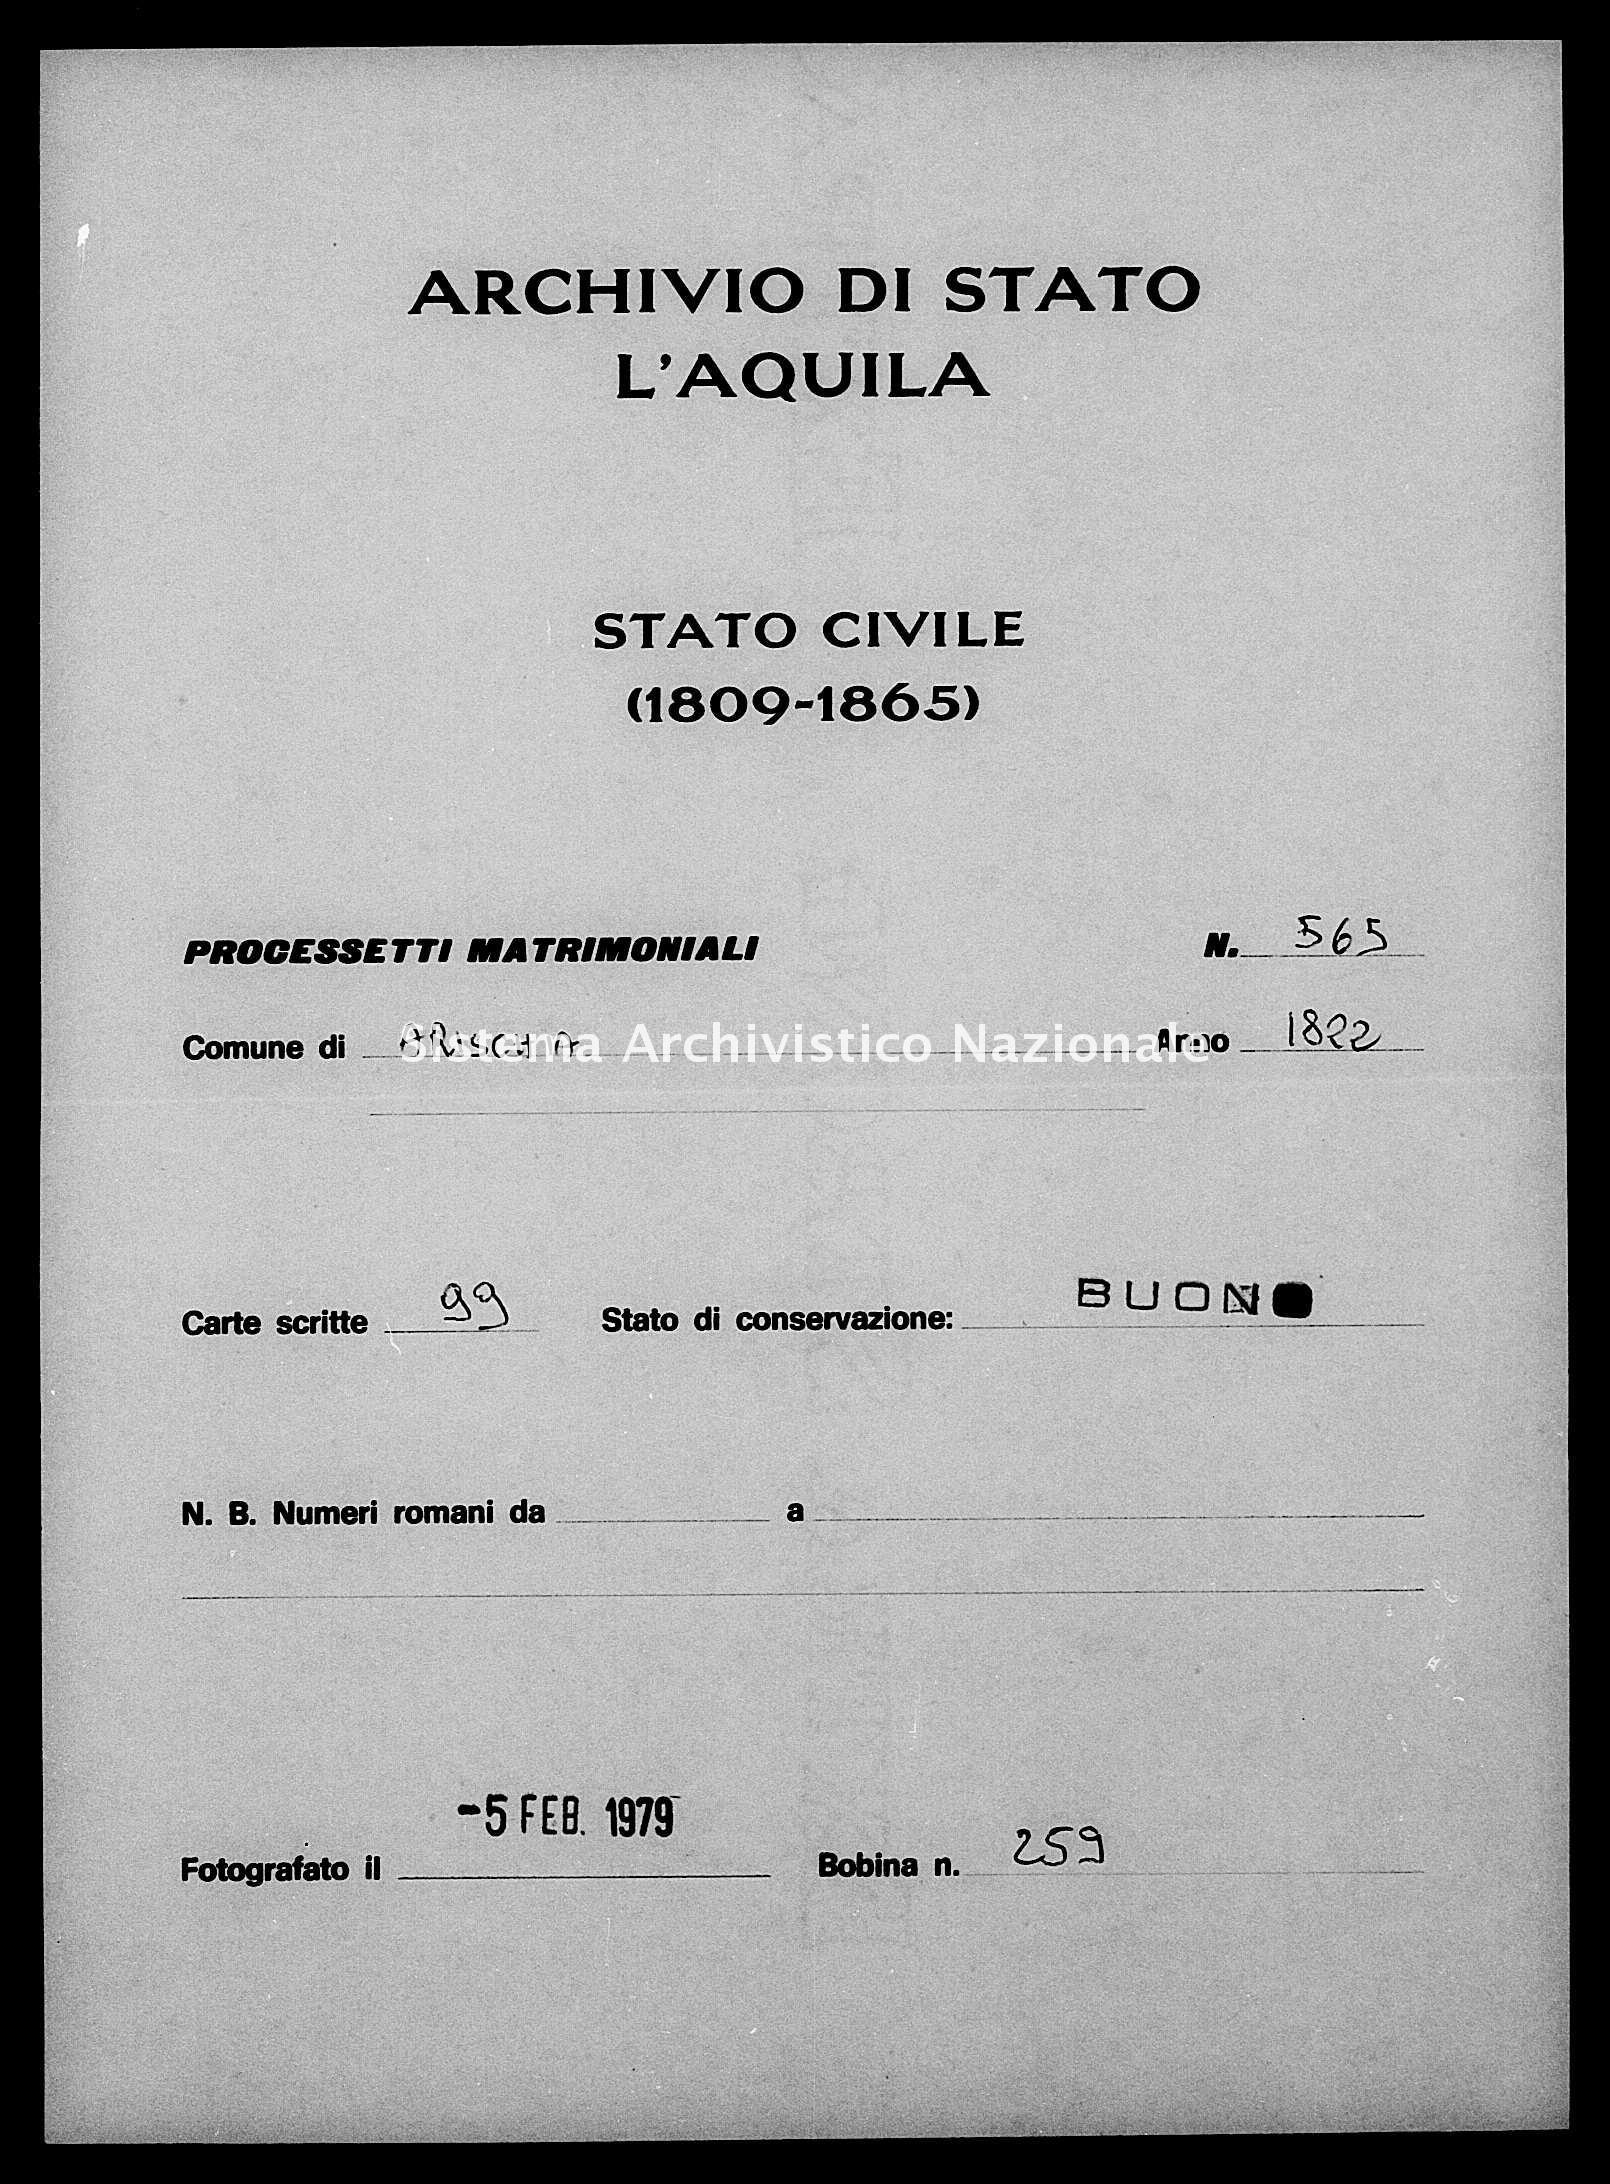 Archivio di stato di L'aquila - Stato civile della restaurazione - Arischia - Matrimoni, processetti - 1822 - 565 -